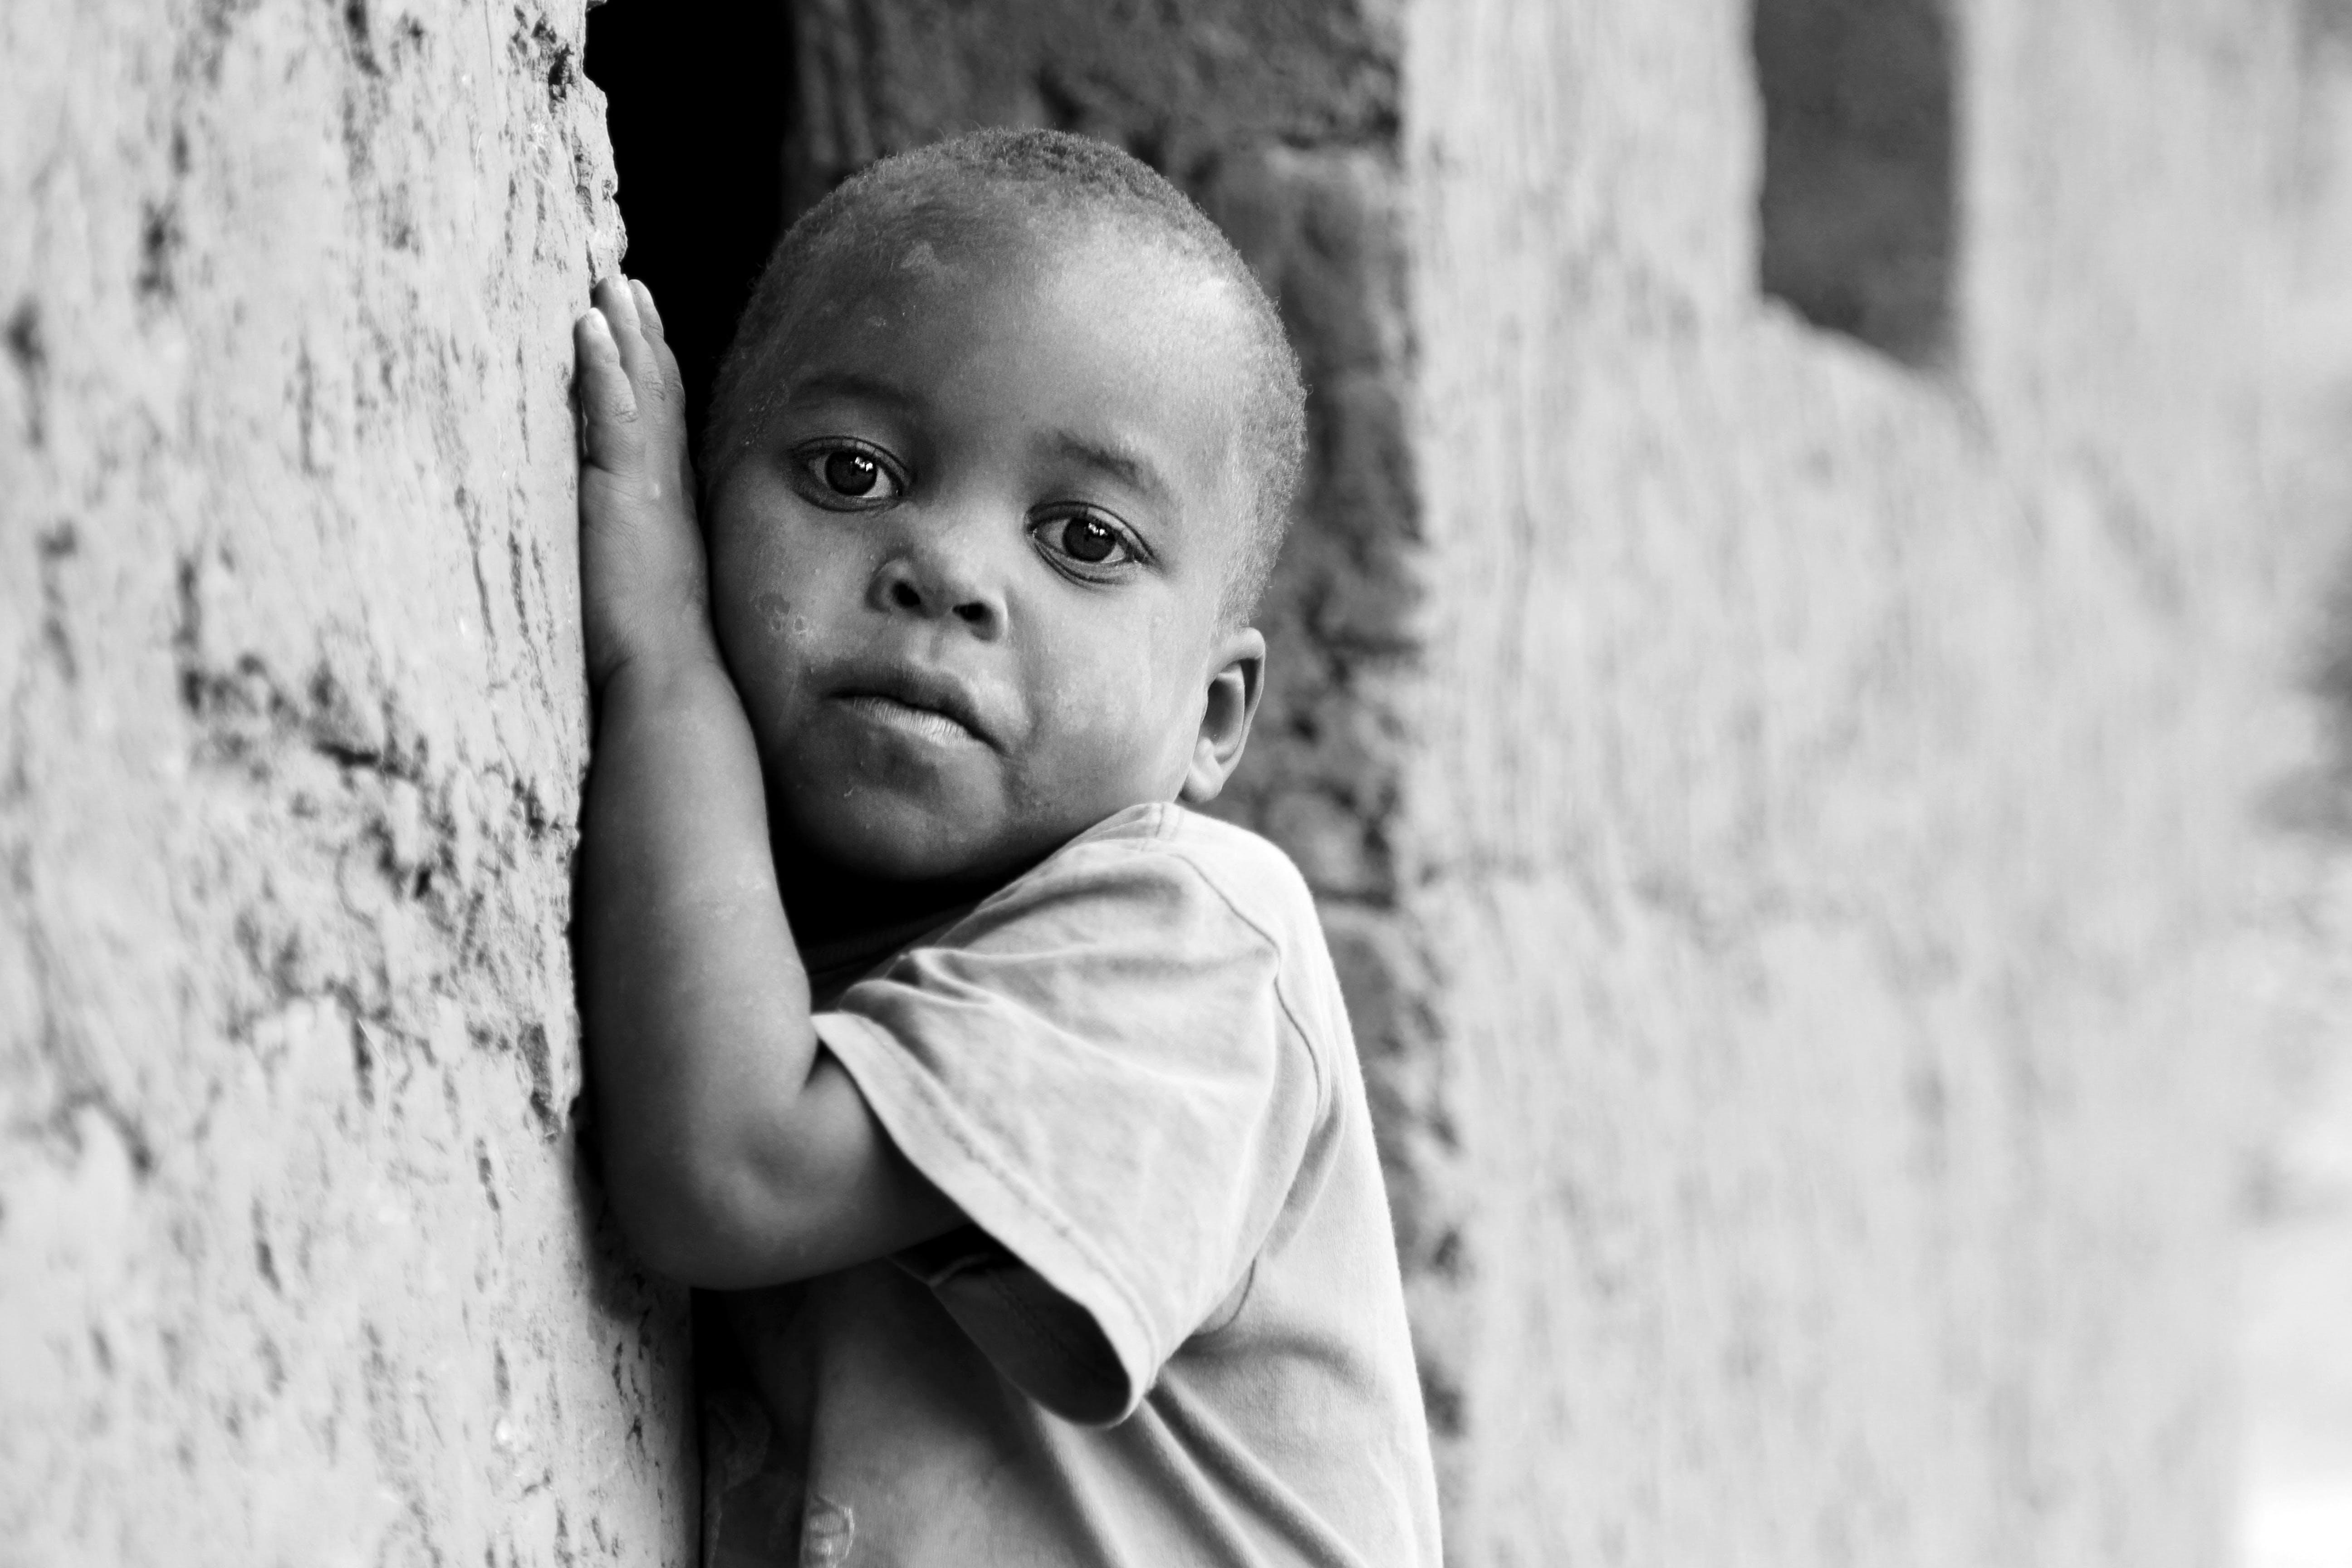 Free stock photo of africa, african children, child, children